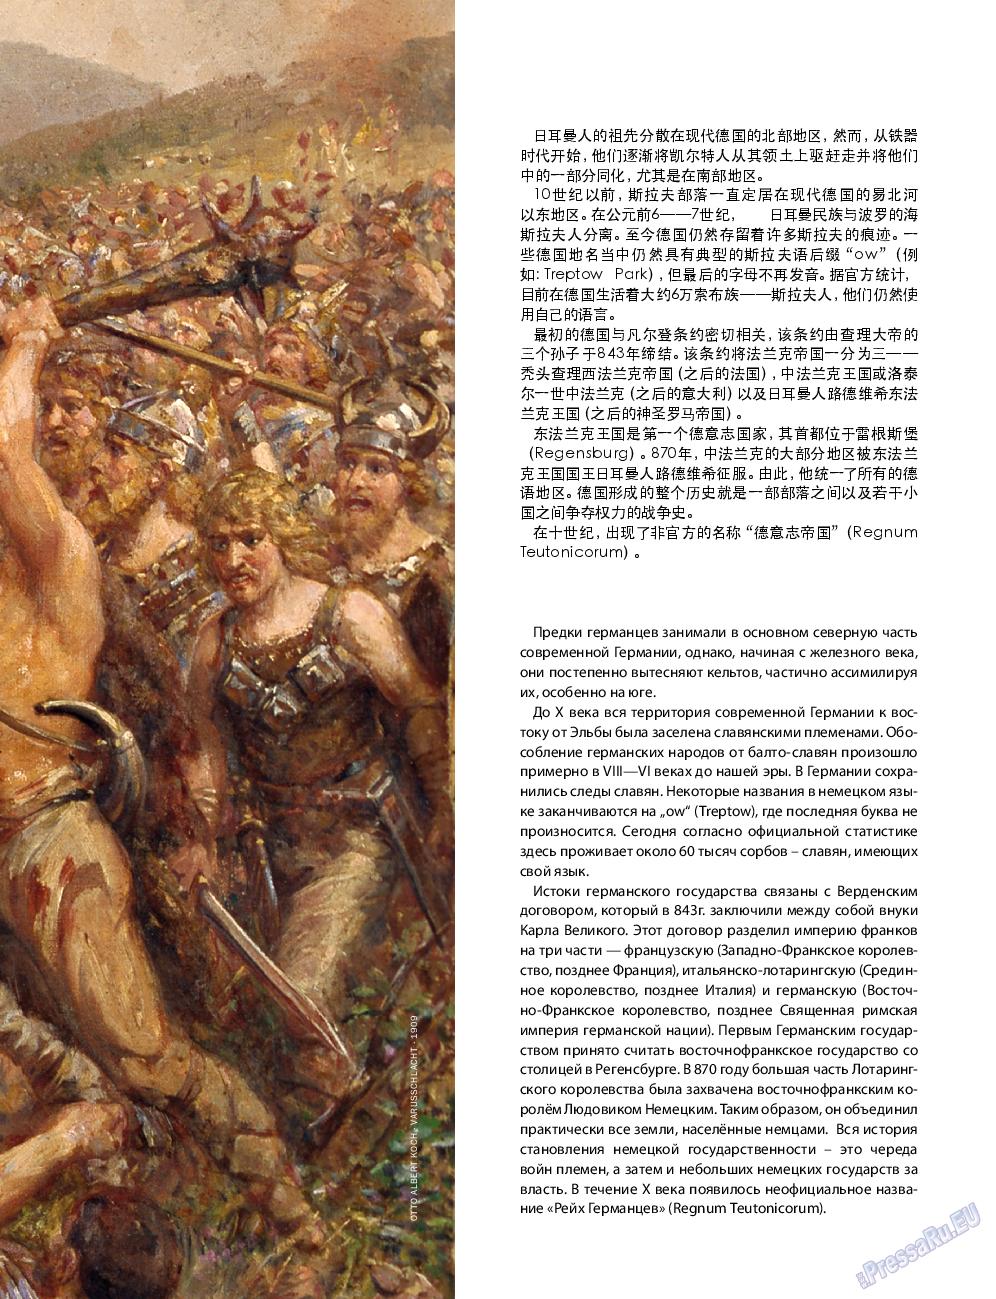 Клан (журнал). 2014 год, номер 7, стр. 33